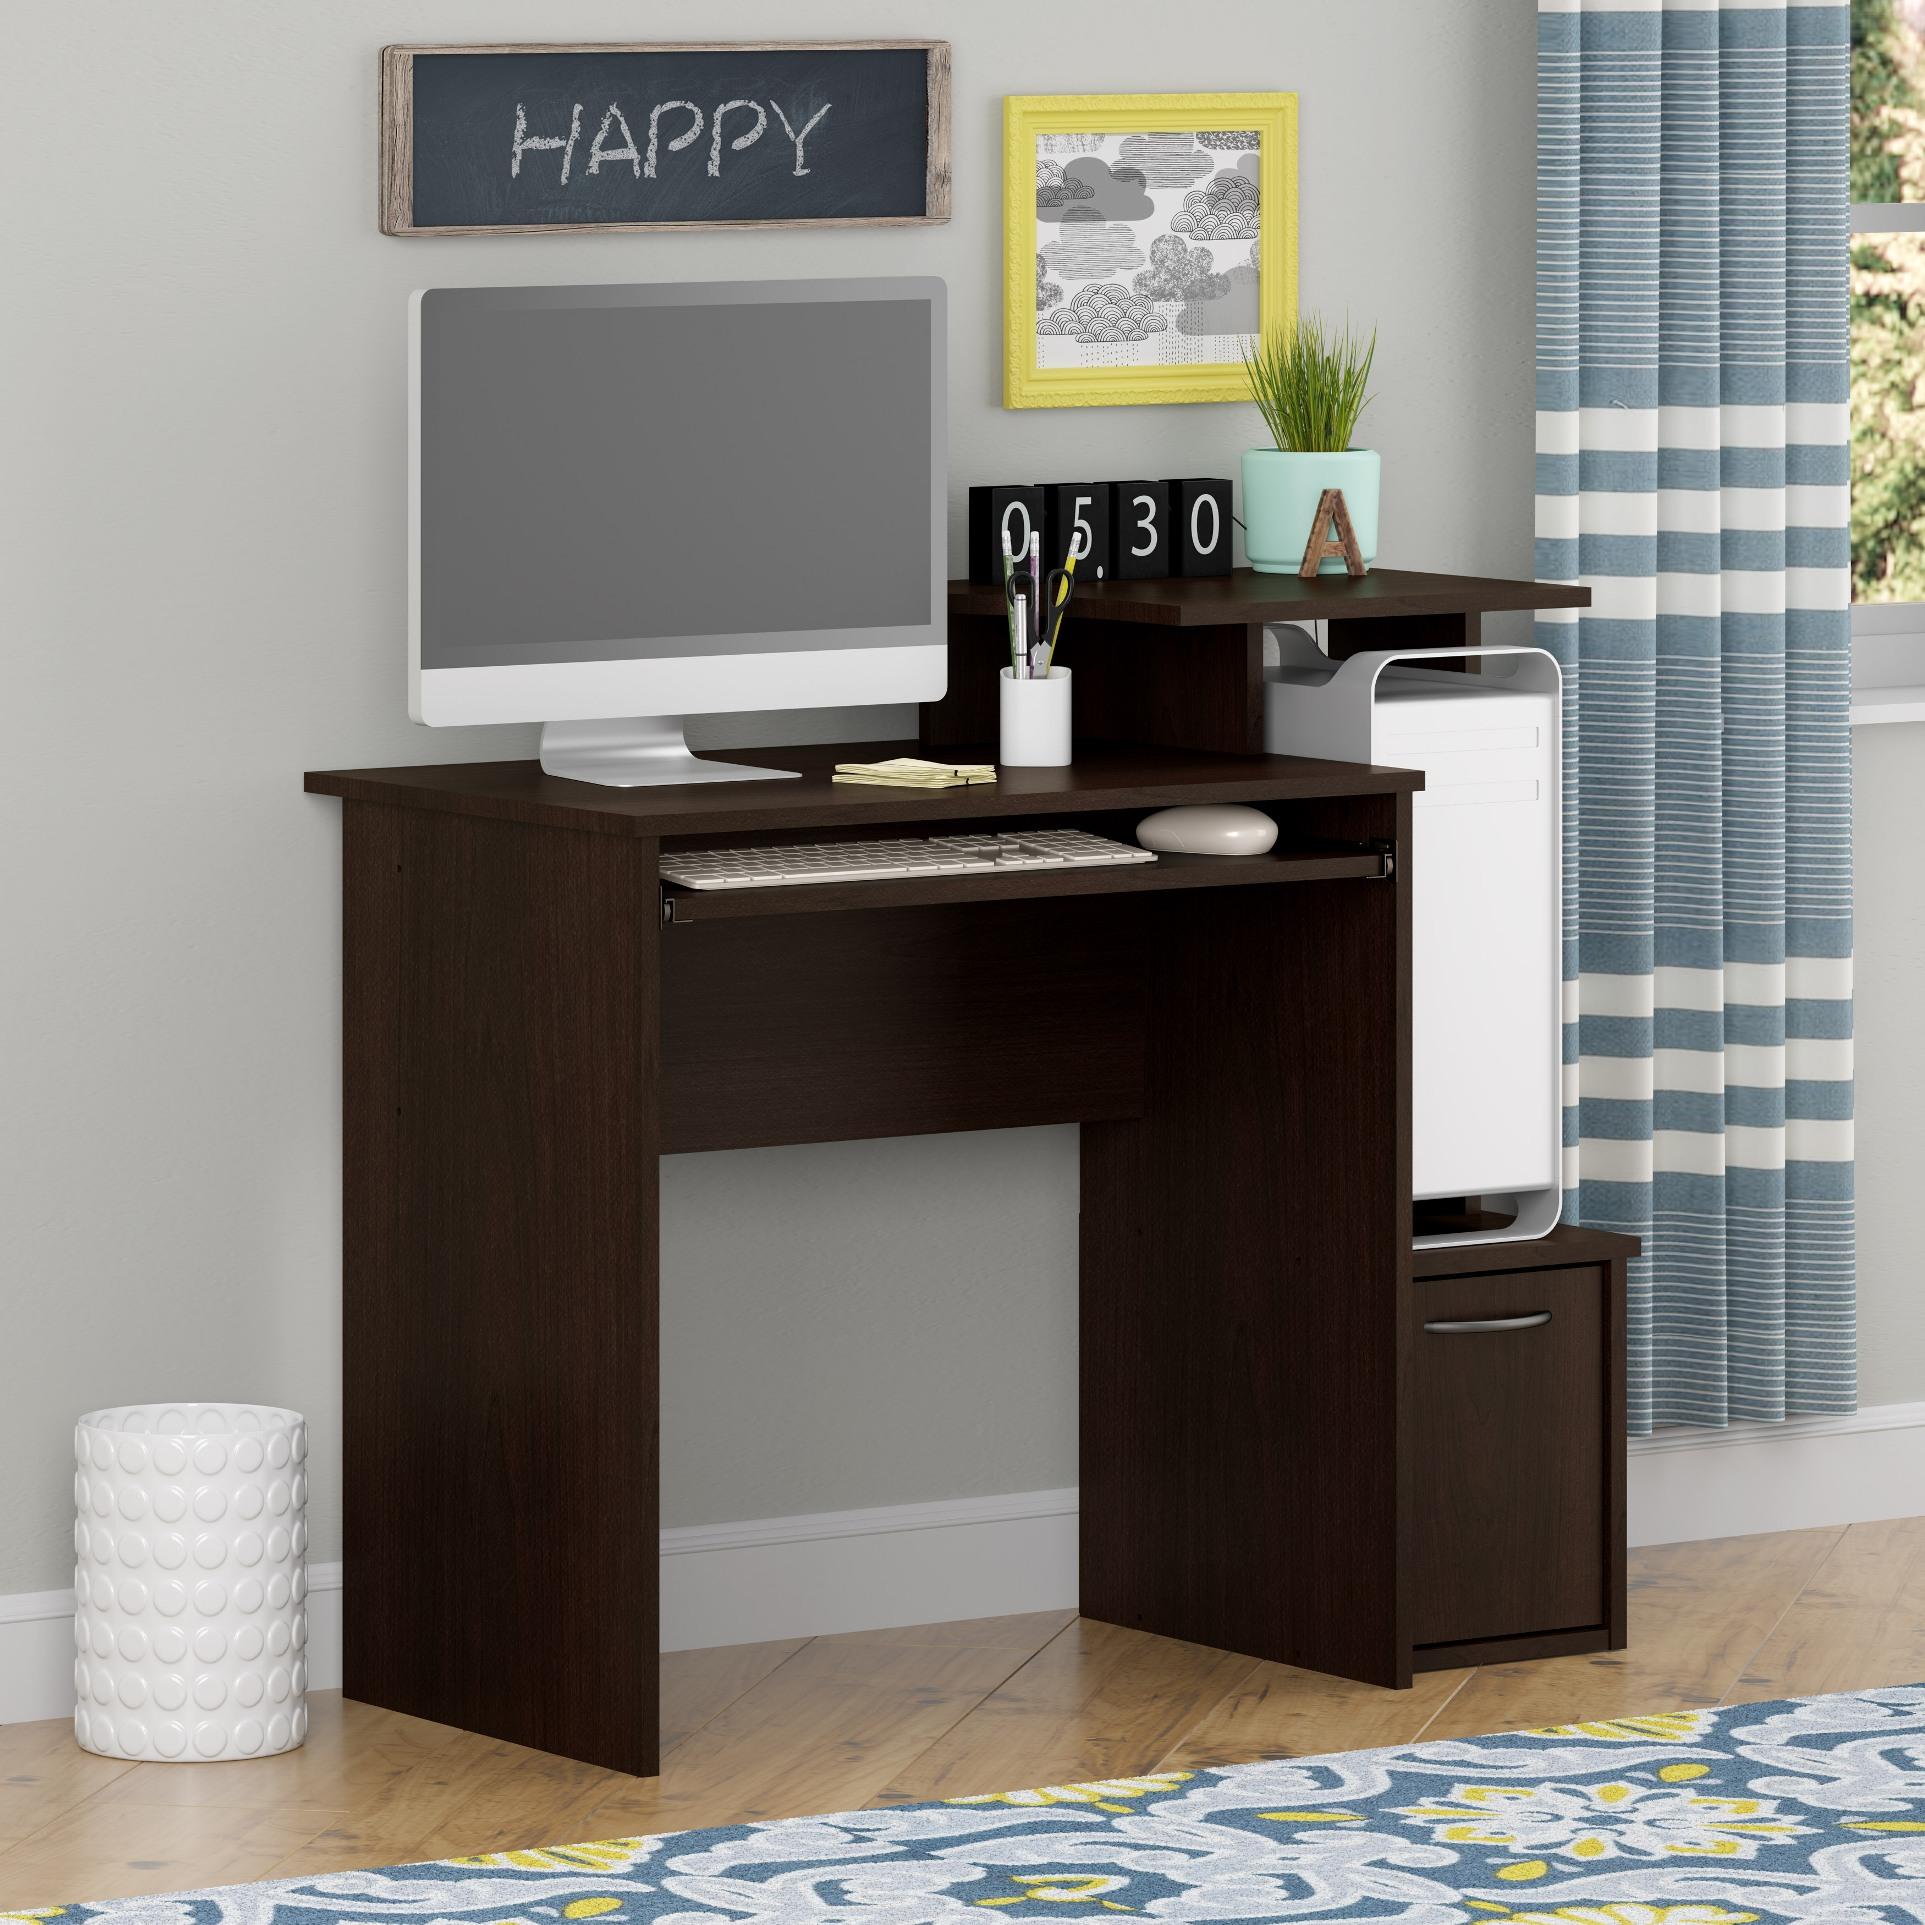 good to go computer desk cherry rh m kmart com Walmart Computer Desk Walmart L-shaped Computer Desk